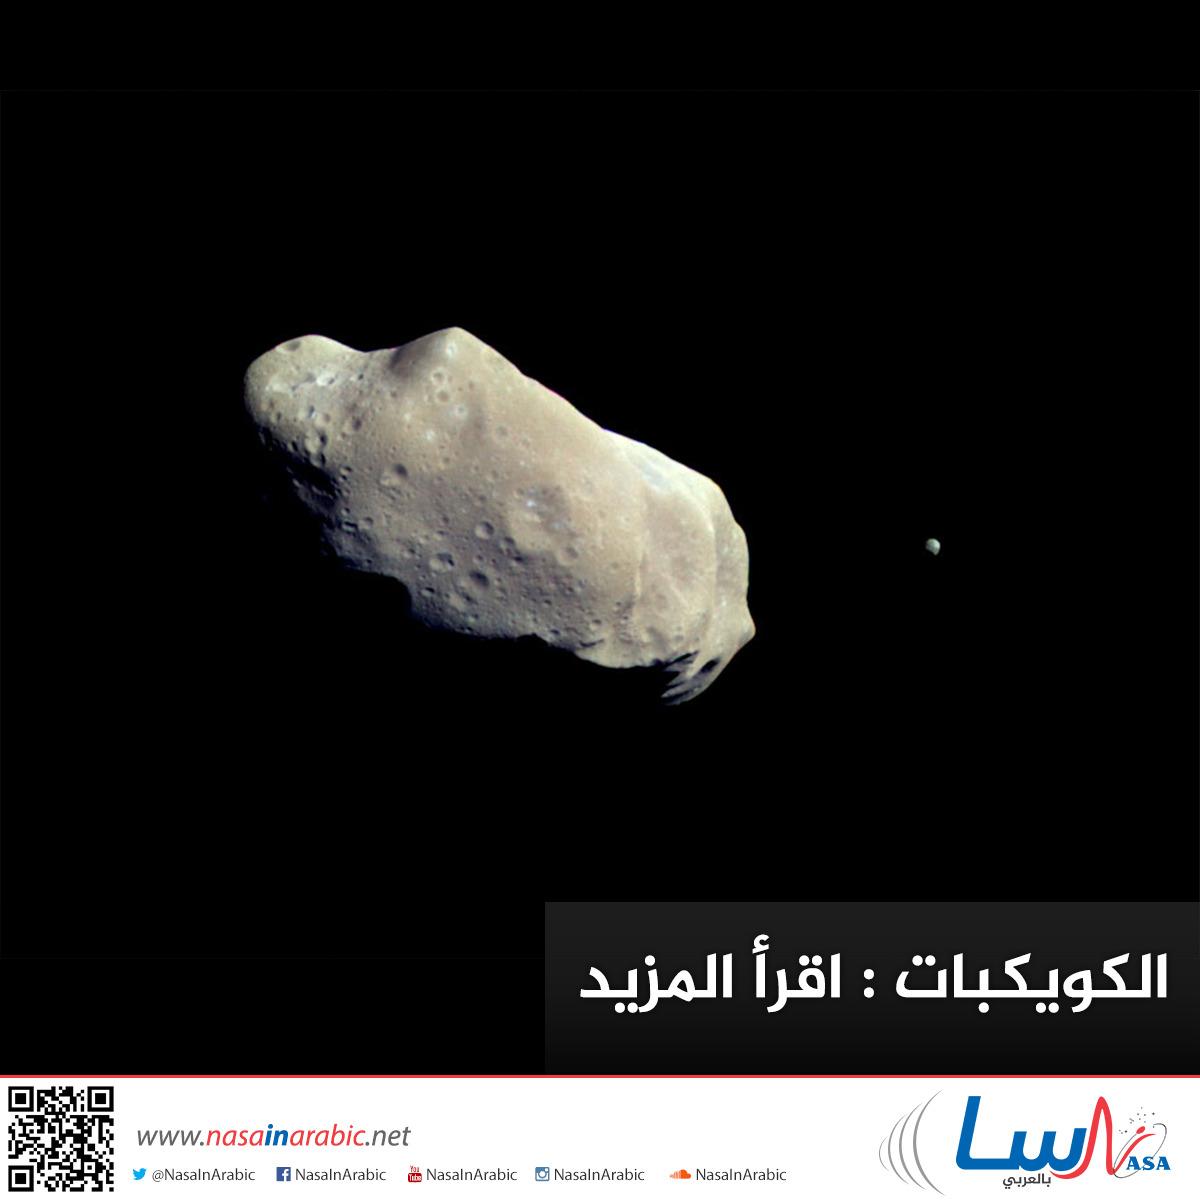 الكويكبات: اقرأ المزيد